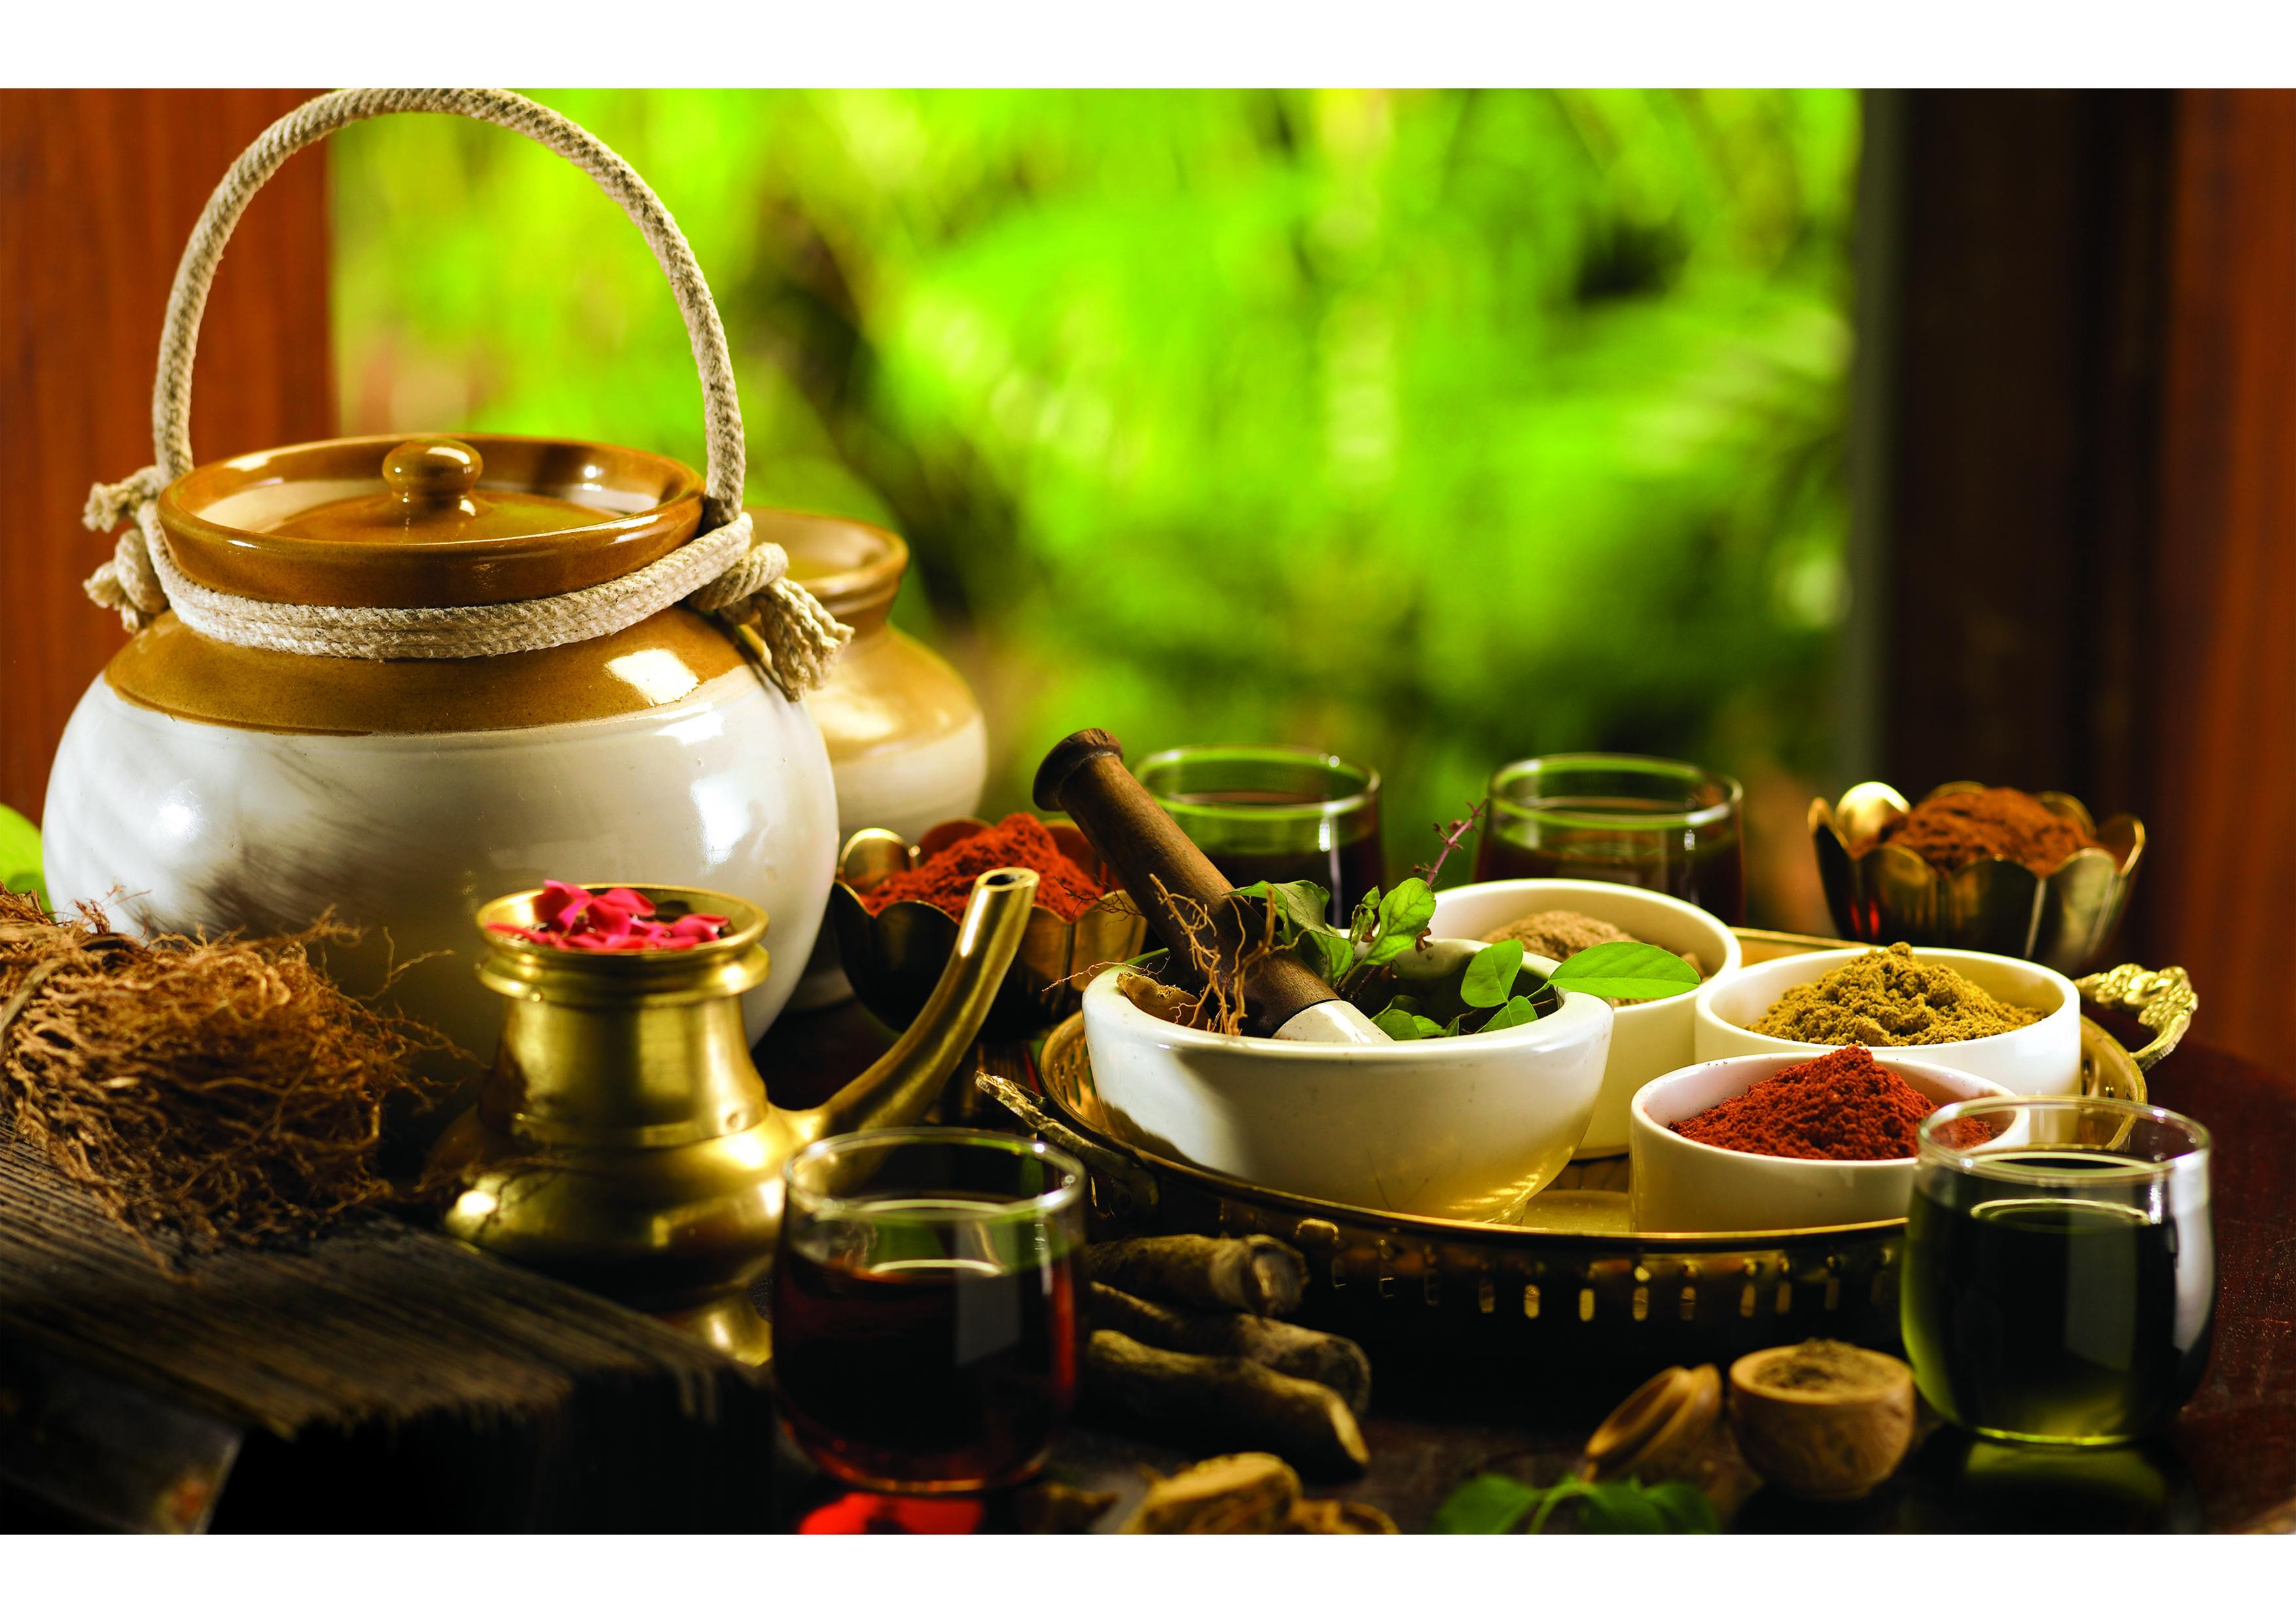 layurveda nella vita di tutti i giorni oppure pi semplicemente siete affasciati dalla filosofia ayurvedica e vorreste provare un paio di ricette